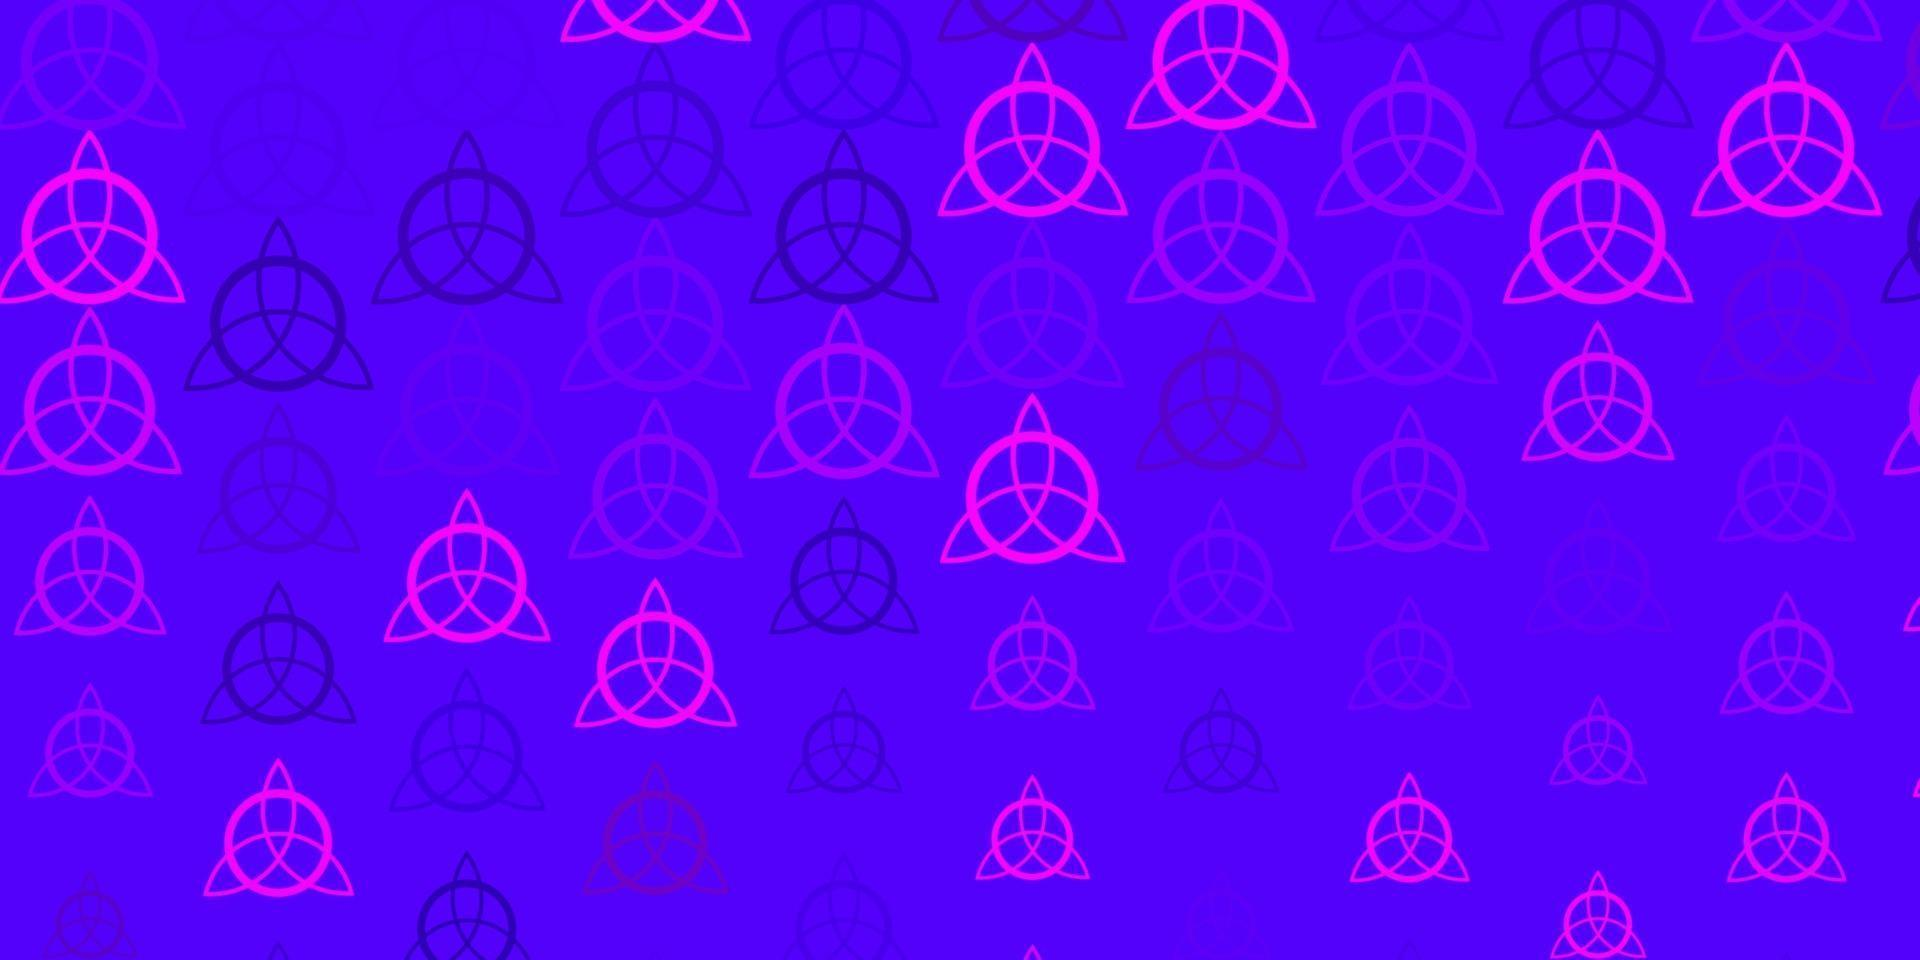 modèle vectoriel violet clair avec des éléments magiques.